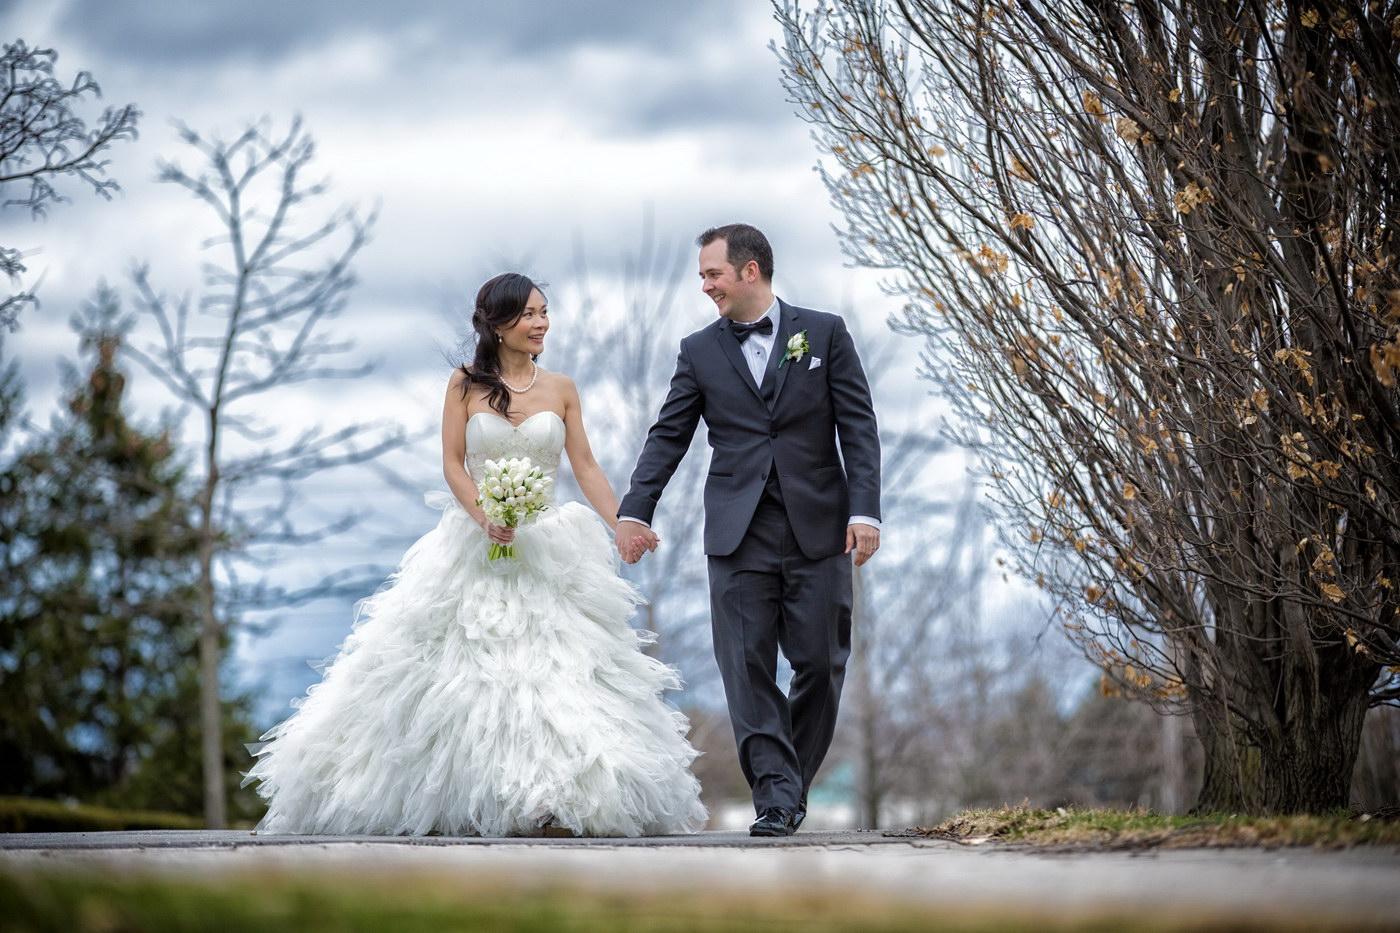 Superstitii legate de nunta pe care le poti ignora